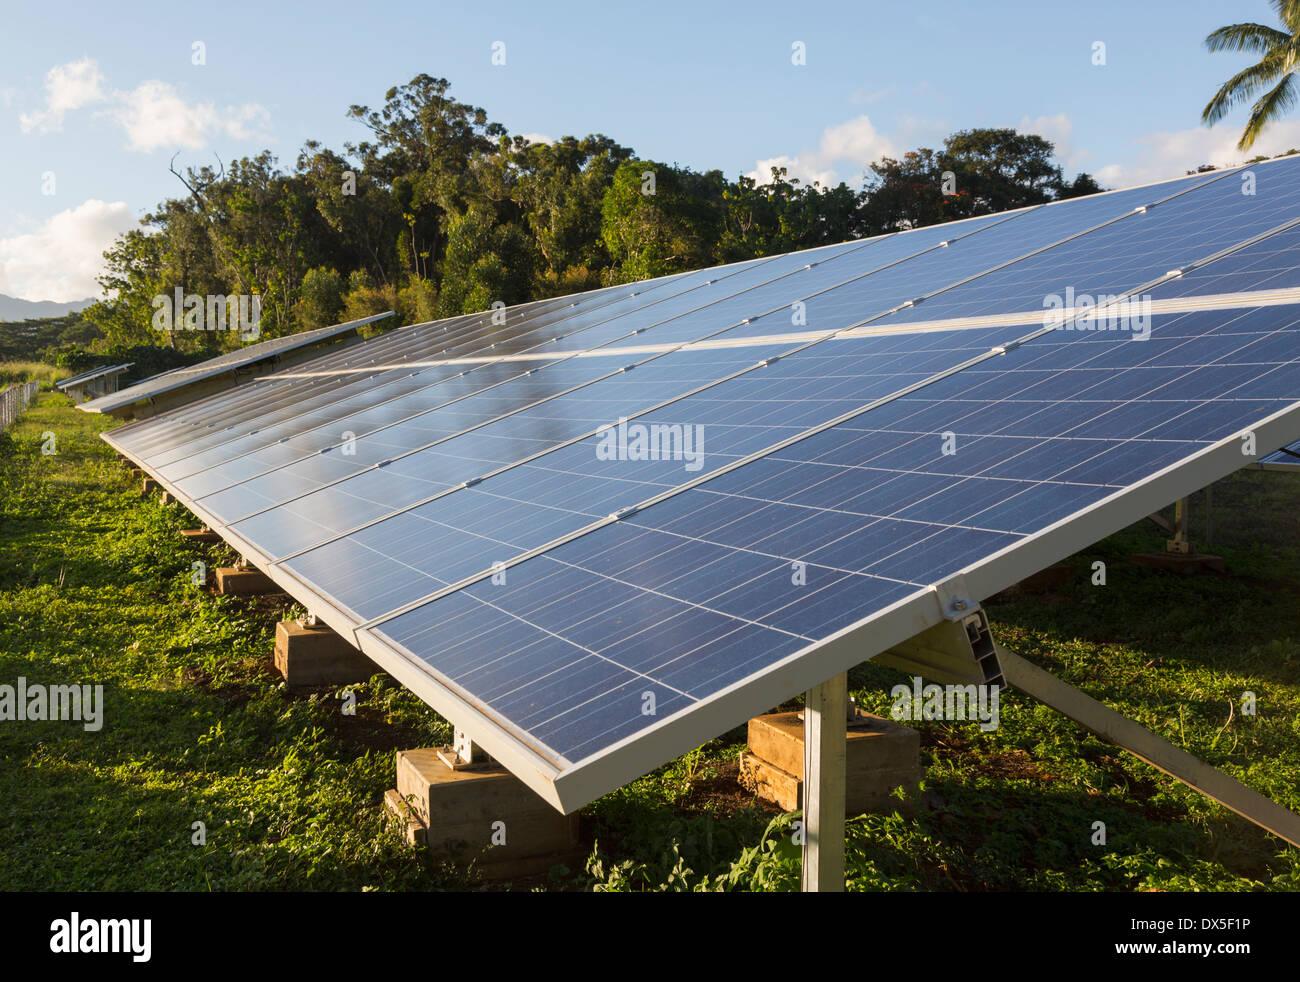 Große Industrie solar Power Panel Installation in einer tropischen Umgebung - Erneuerbare Energien Stockbild